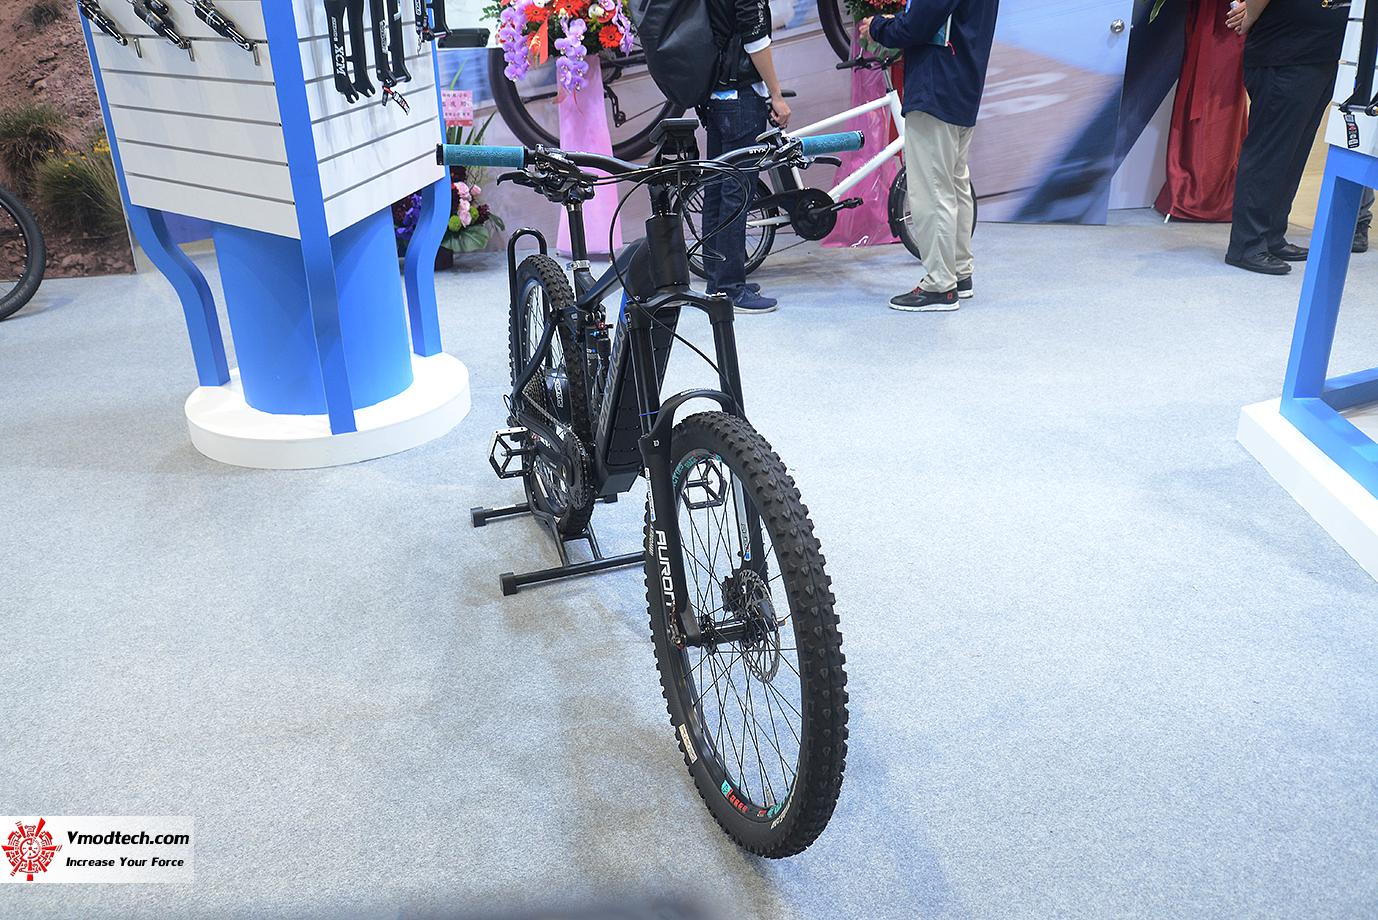 dsc 9247 เยี่ยมชมงาน TAIPEI CYCLE 2019 งานของคนรักจักรยาน ณ กรุงไทเป ประเทศไต้หวัน